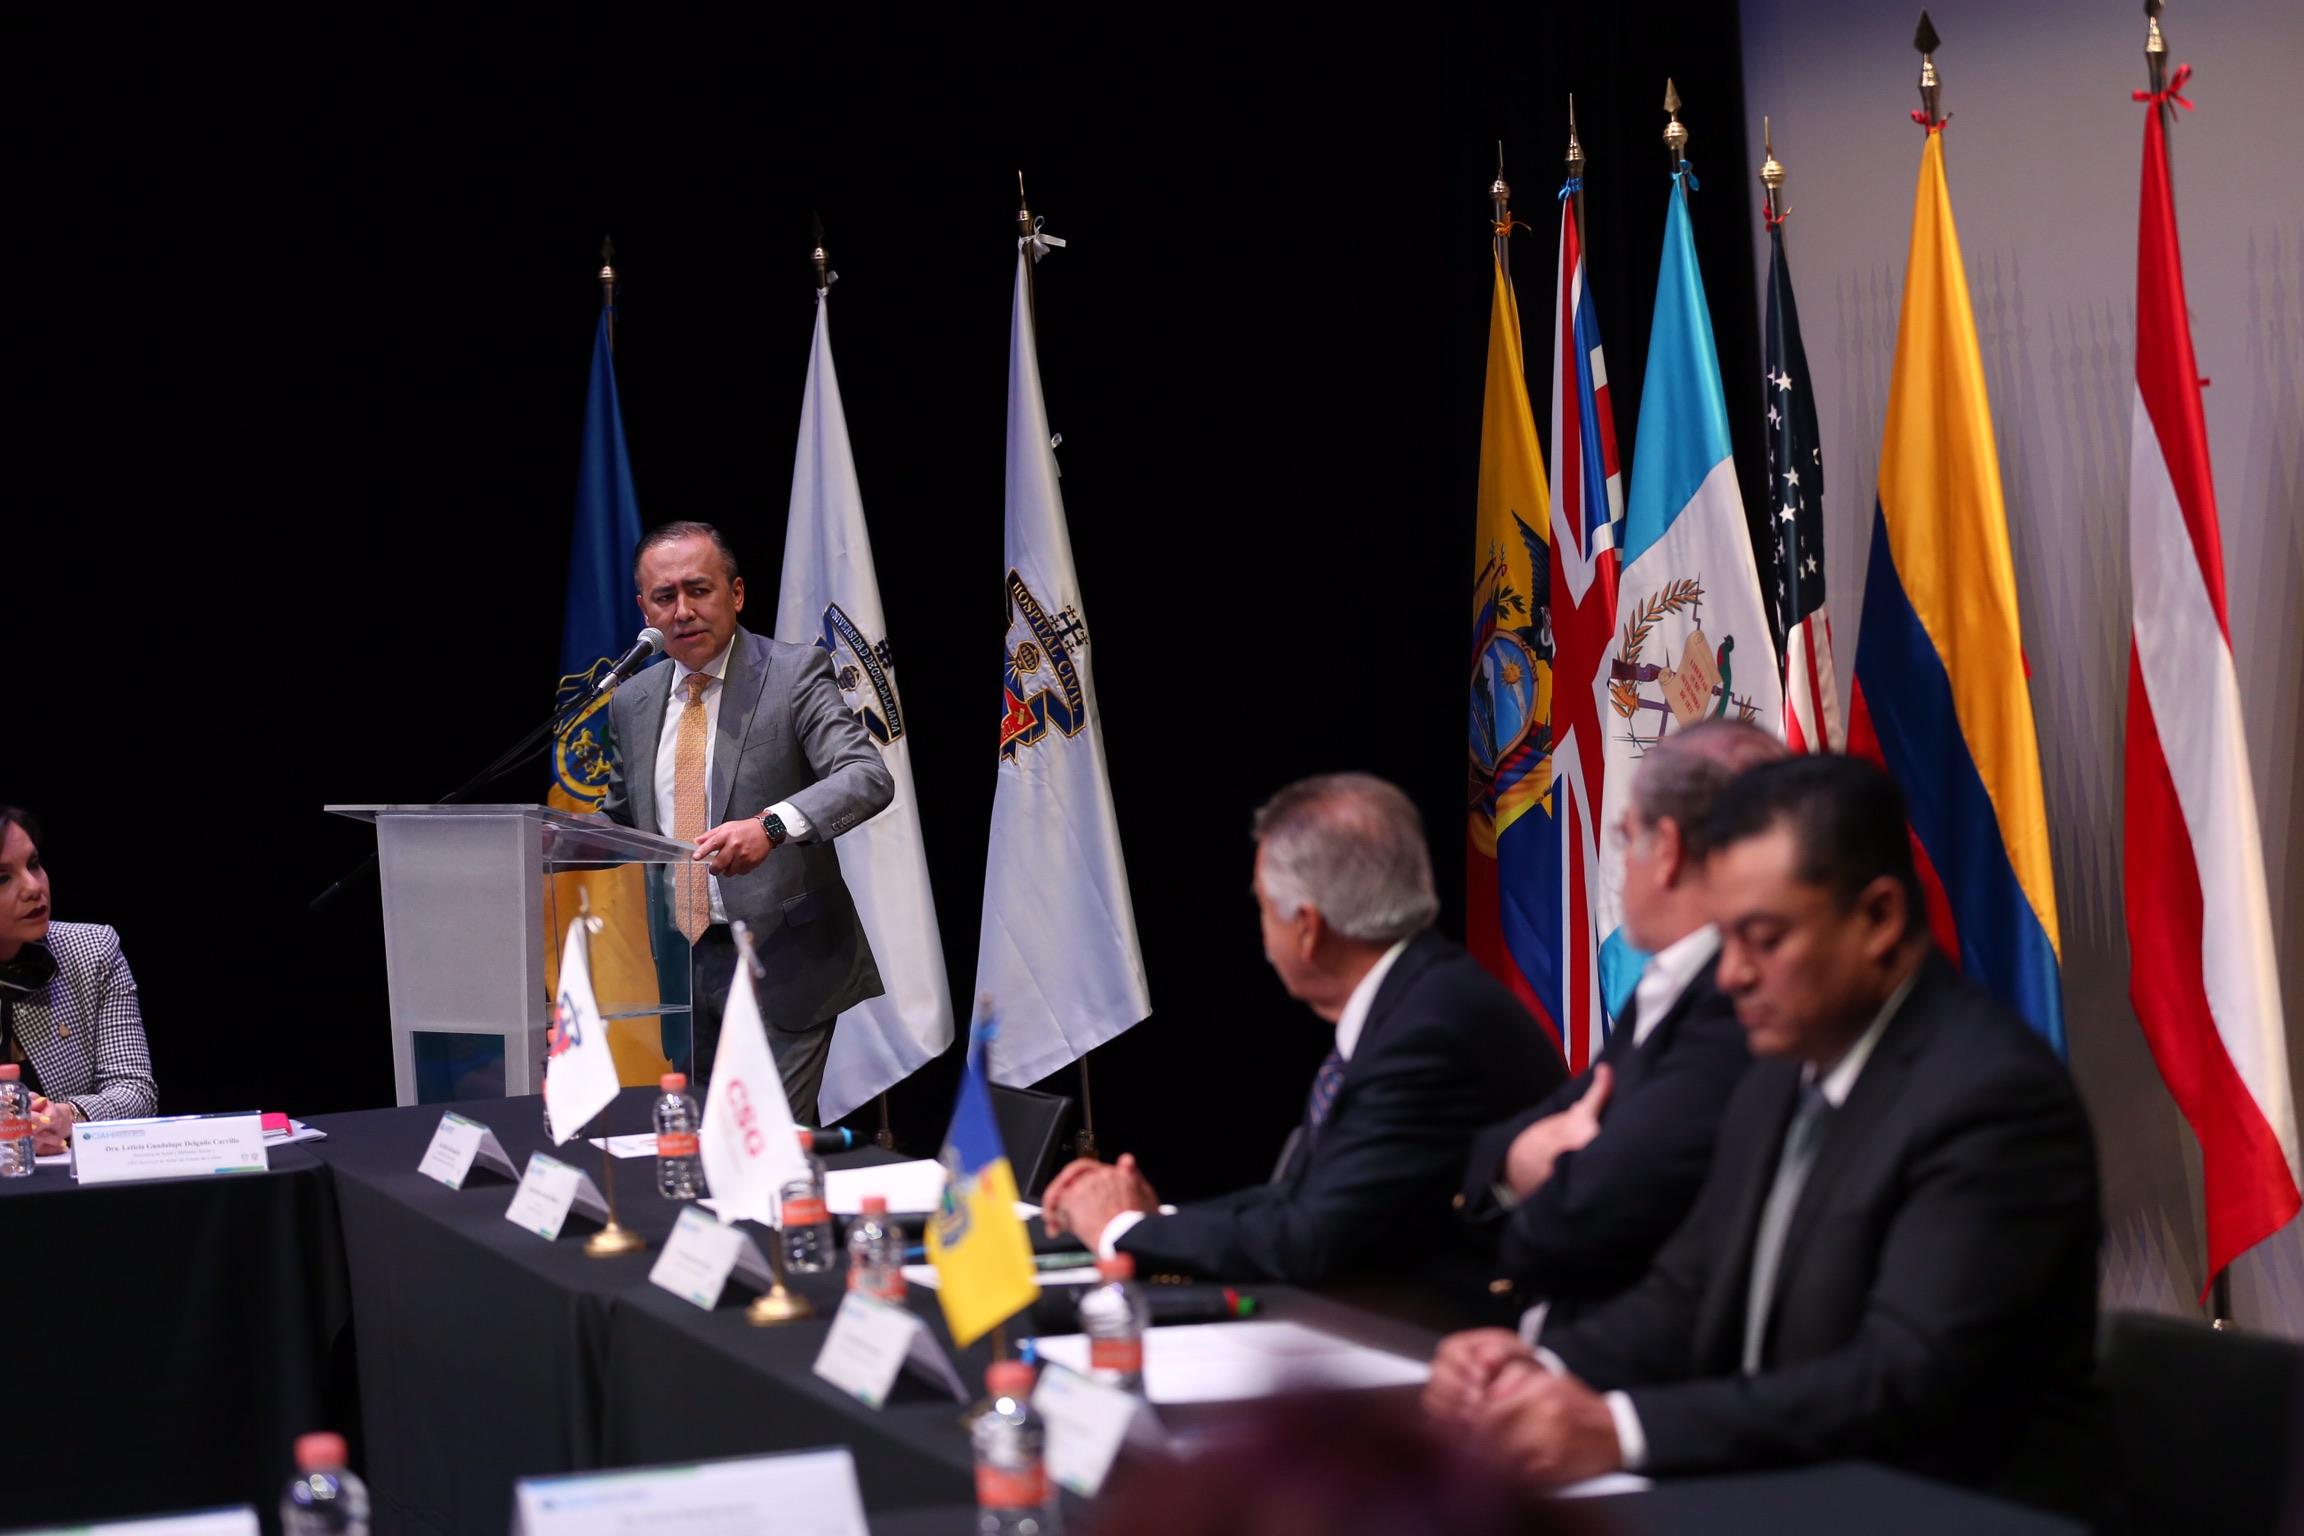 El doctor Jaime Federico Andrade Villanueva, Director del HCG, en uso de la palabra